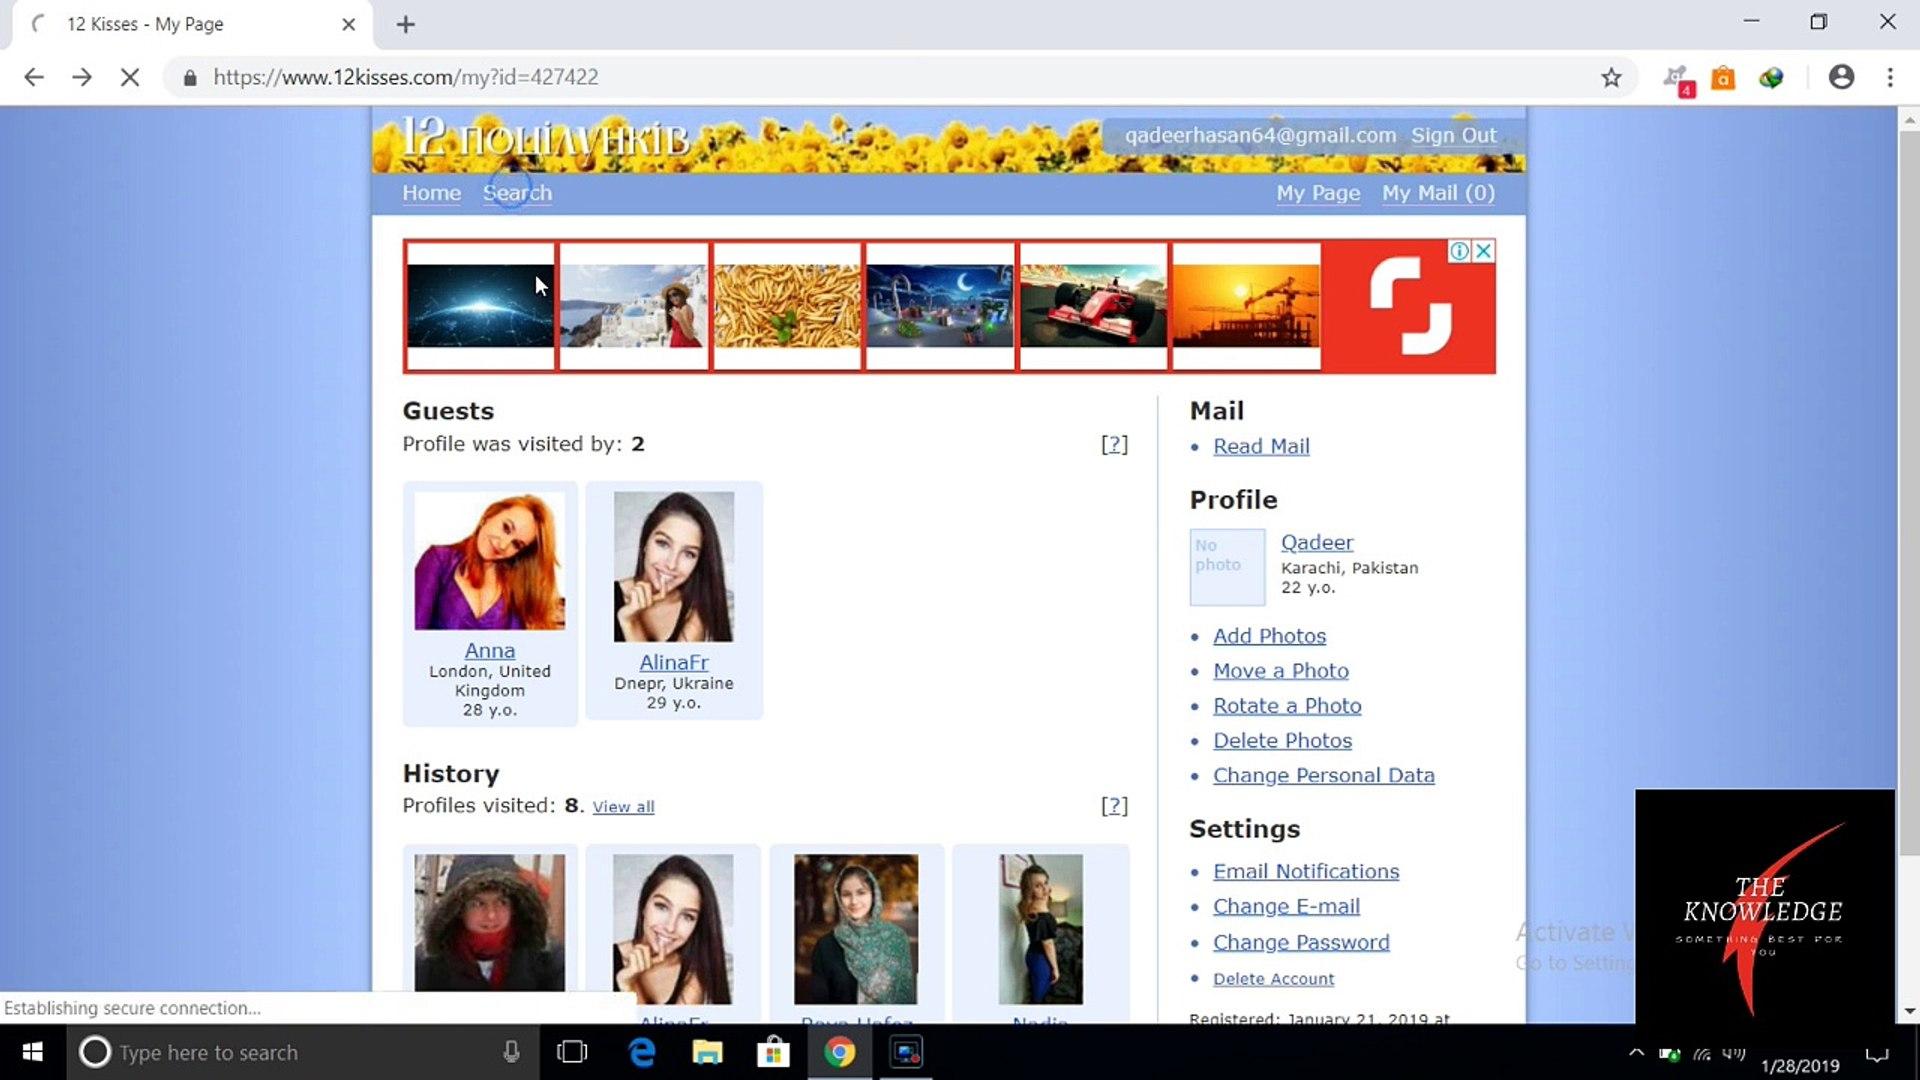 ये नया website आपको GirlFriend ढूंढ कर देगा ये लो प्रूफ मुझे तो मिल गई -talk with girl